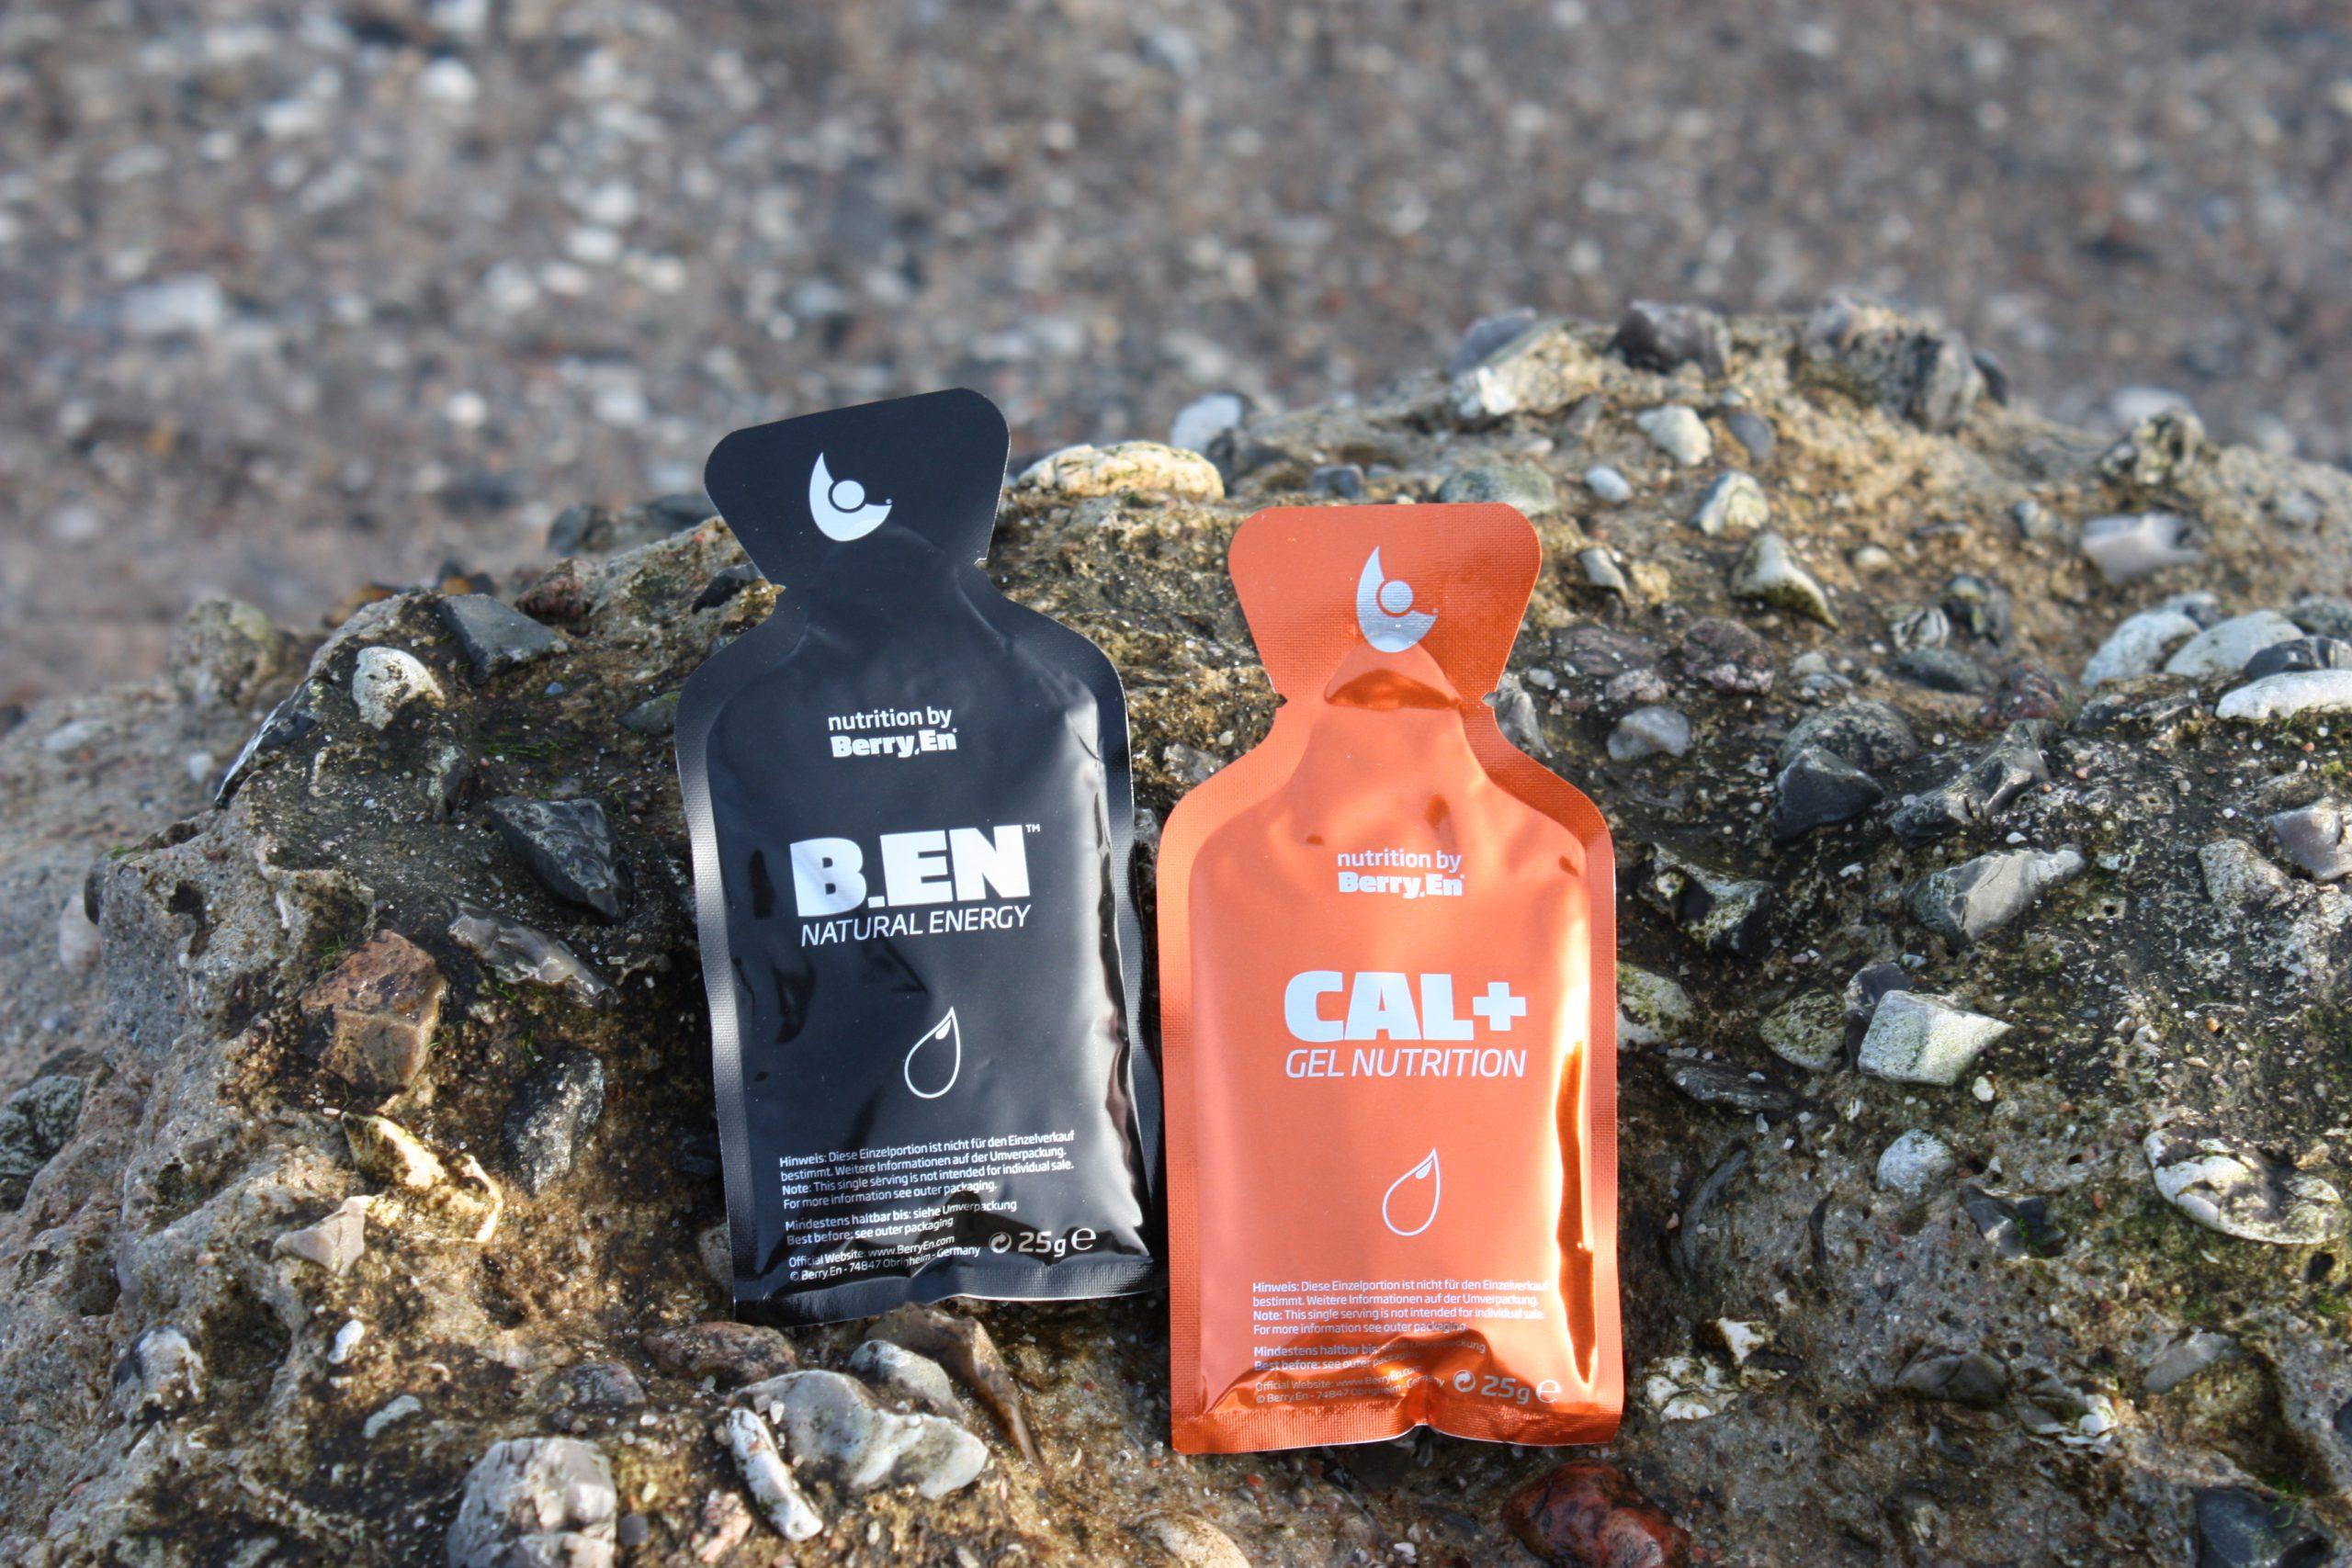 B.en sportsgel fra Berry en, bidrager til øget energi og Cal+ indeholder calcium og magnesium og birager til færre kramper og mindre uro